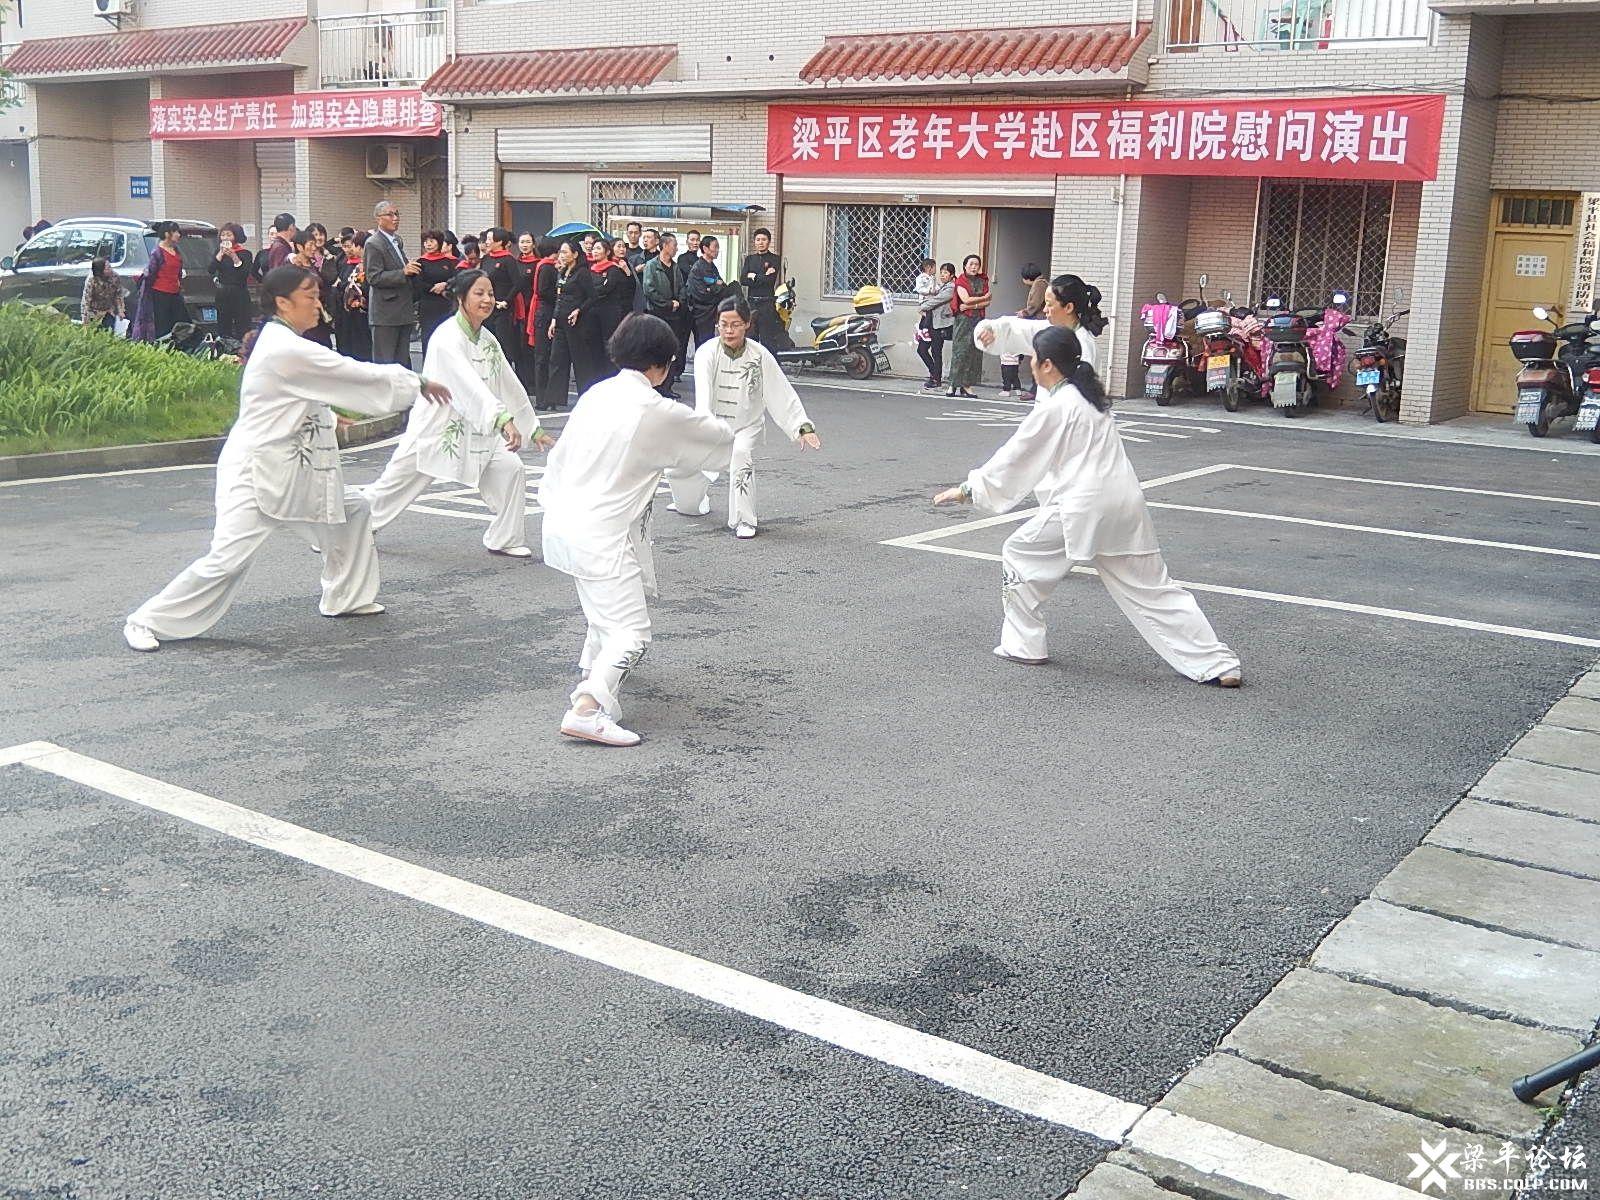 梁平老年大学慰问演出节目6.JPG